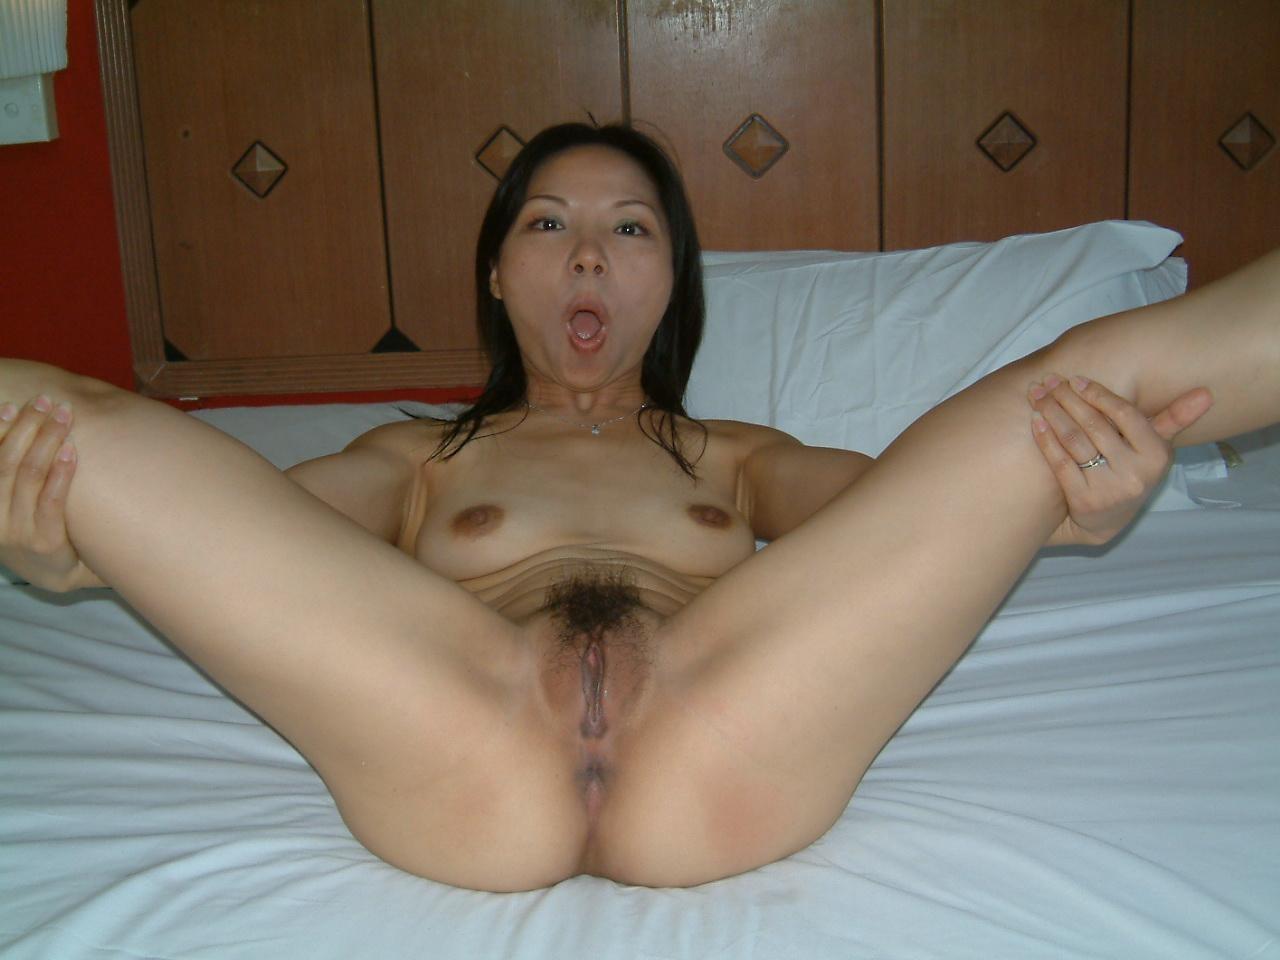 hairy mature full figured nudes